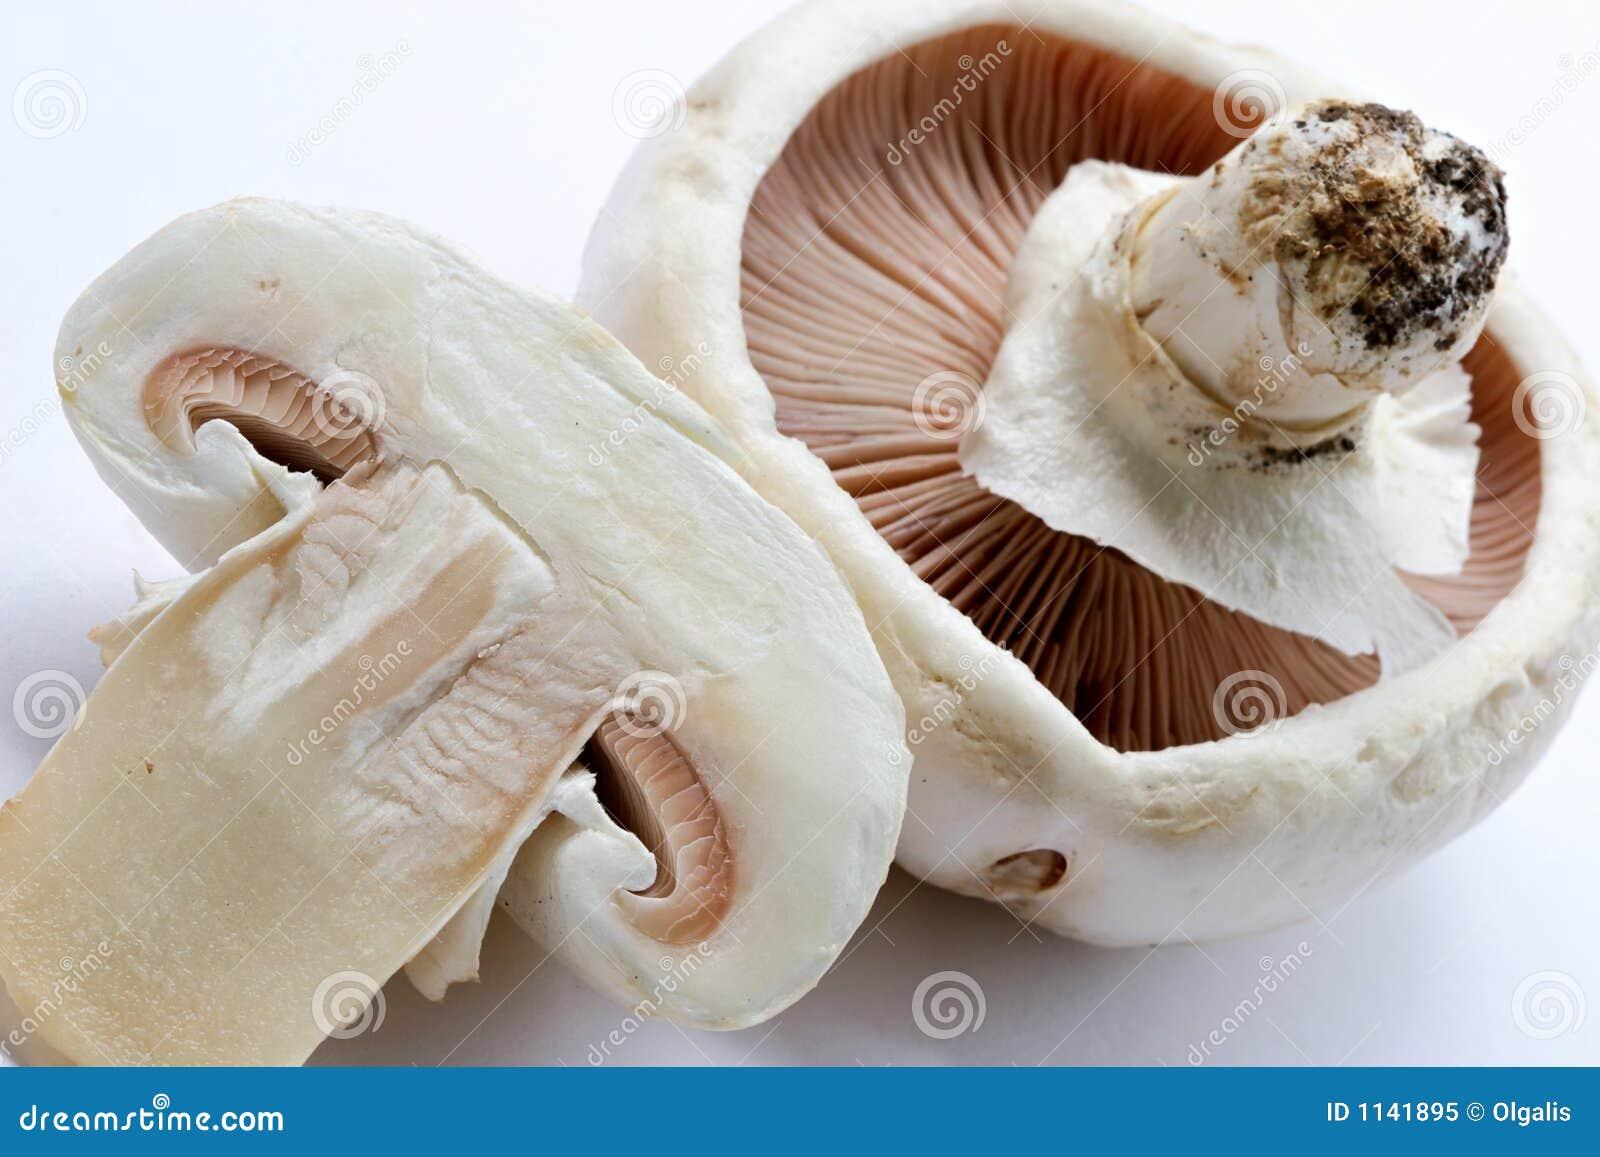 Gocce o unguento da un fungo